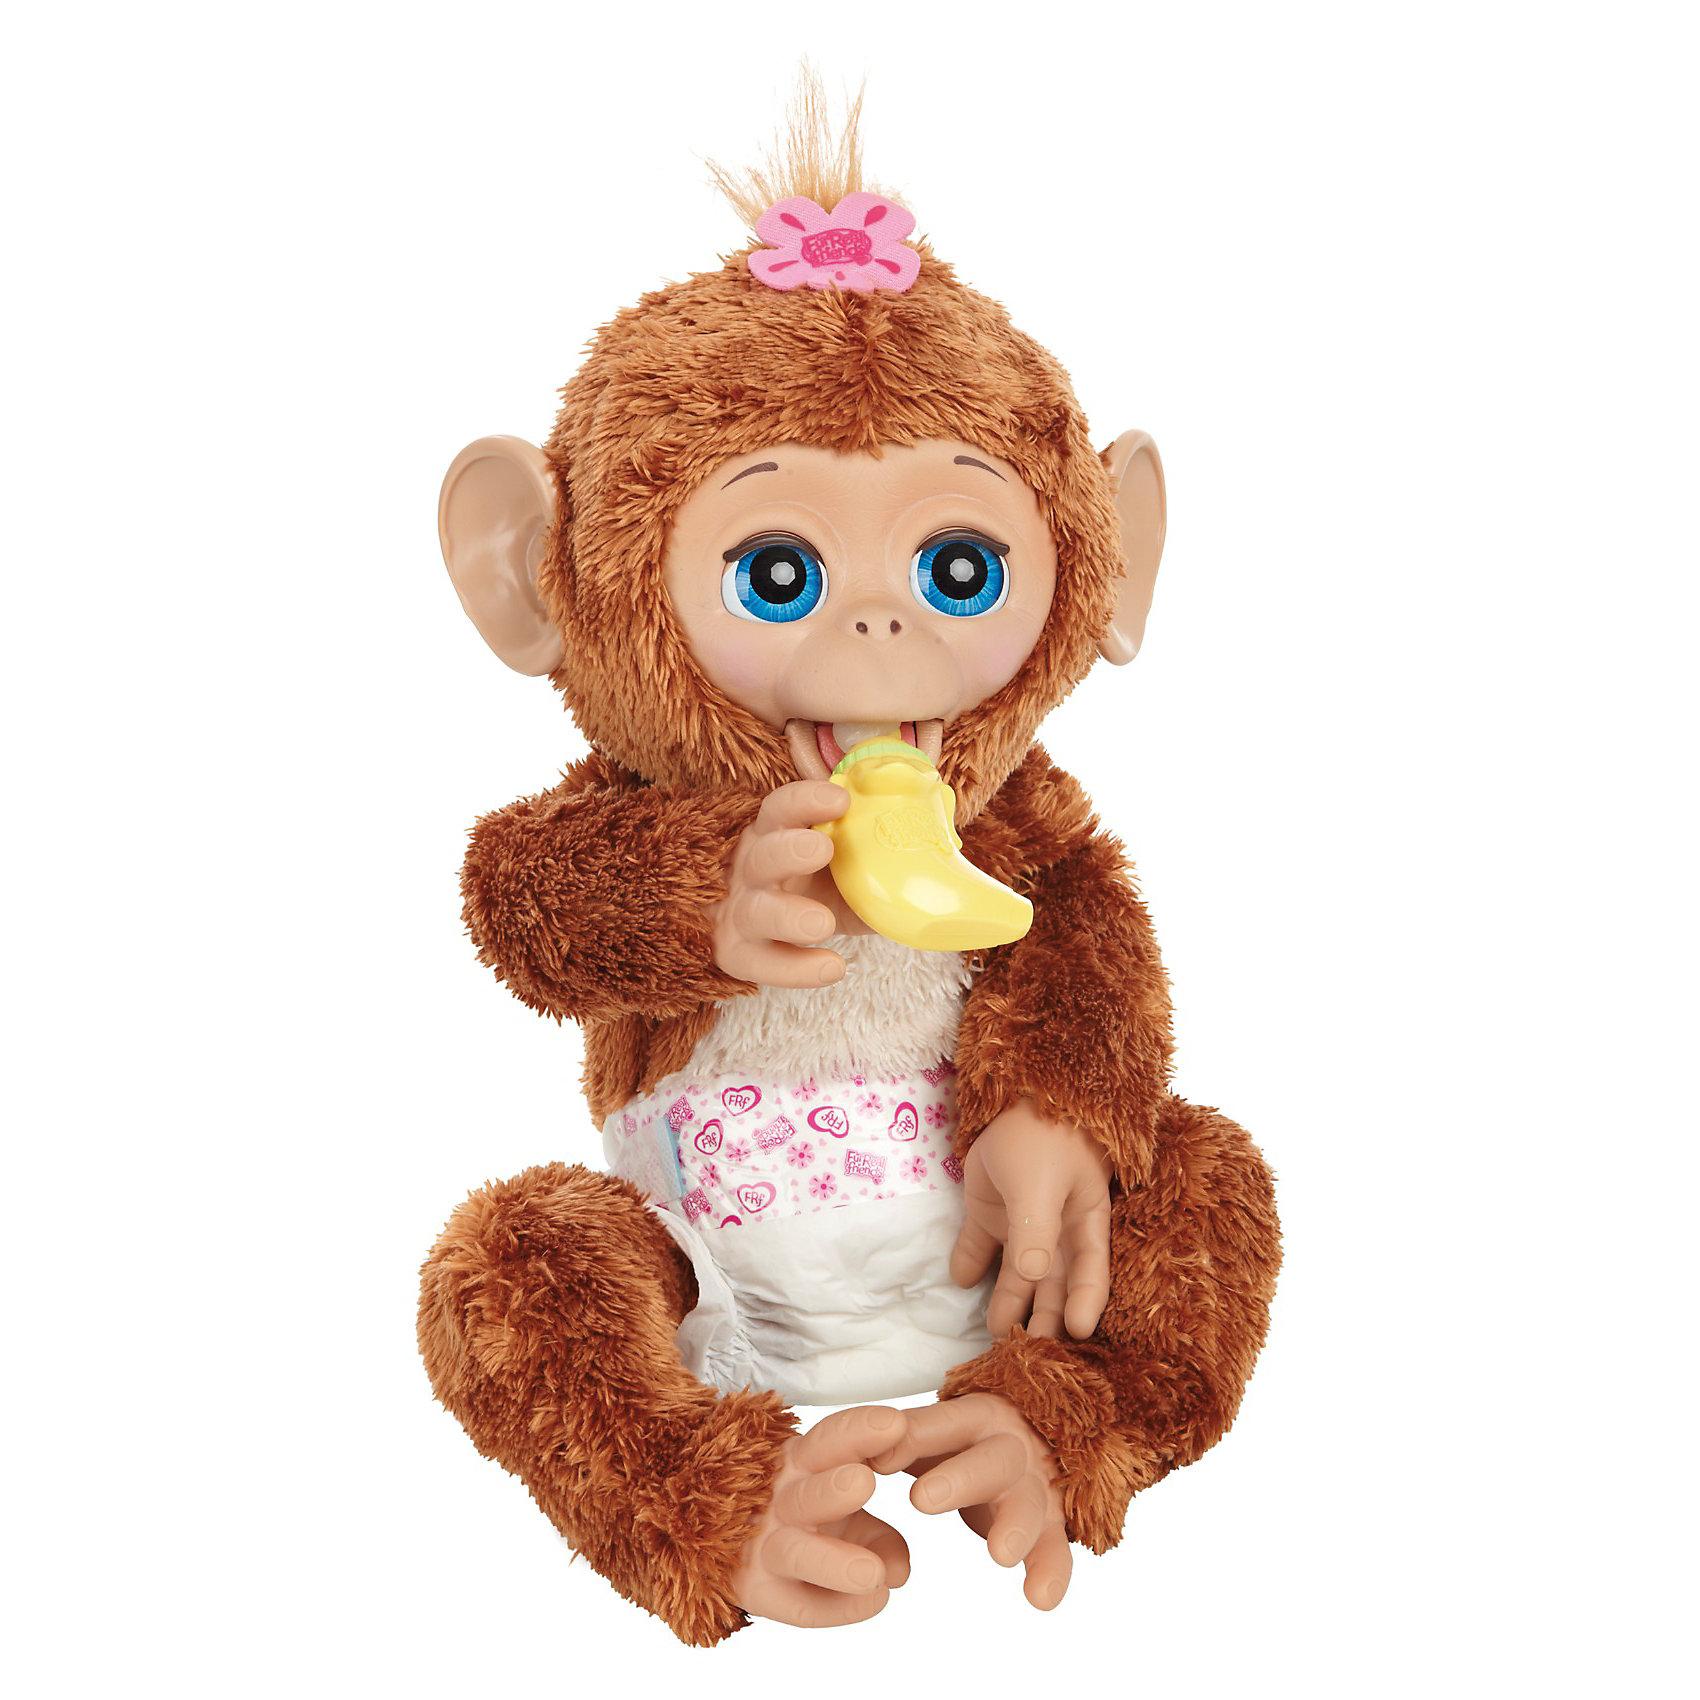 Смешливая обезьянка, FurReal Friends, HasbroИнтерактивные мягкие игрушки<br>Смешливая обезьянка, FurReal Friends, Hasbro. Теперь у тебя есть своя собственная домашняя обезьянка с голубыми глазами, которые могут закрываться, если она устала, и с мягкой бежево-коричневой шёрсткой! Она двигает губами, когда ты кормишь её из бутылочки, которая сделана в форме банана. После кормления не забудь поменять подгузник. Пощекоти её и ты услышышь, веселый смех твоего питомца. Покачай обезьянку на руках, и она закроет глазки и уснет. Заботься о ней, как о настоящем малыше!<br><br>Дополнительная информация:<br><br>- В комлекте: обезьянка, бутылочка-банан, подгузник.<br>- Игрушка выдаёт более 100 разных реакций на действия с ней.<br>- Для работы игрушки необходимы 4 батарейки типа C / LR14 1.5V (малые бочонки), не входят в комплект.<br>- Игрушка изготовлена из пластмассы и текстиля, имеет высоту около 35 см.<br>- Размер коробки: 38.1 х 19.1 х 38.1 см.<br><br>Побалуйся вместе со смешливой обезъянкой от FurReal - покрути её и услышишь восторженное У-ииии!<br><br>Смешливую обезьянку, FurReal Friends, Hasbro можно купить в нашем магазине.<br><br>Ширина мм: 382<br>Глубина мм: 385<br>Высота мм: 182<br>Вес г: 1504<br>Возраст от месяцев: 48<br>Возраст до месяцев: 84<br>Пол: Женский<br>Возраст: Детский<br>SKU: 3222540